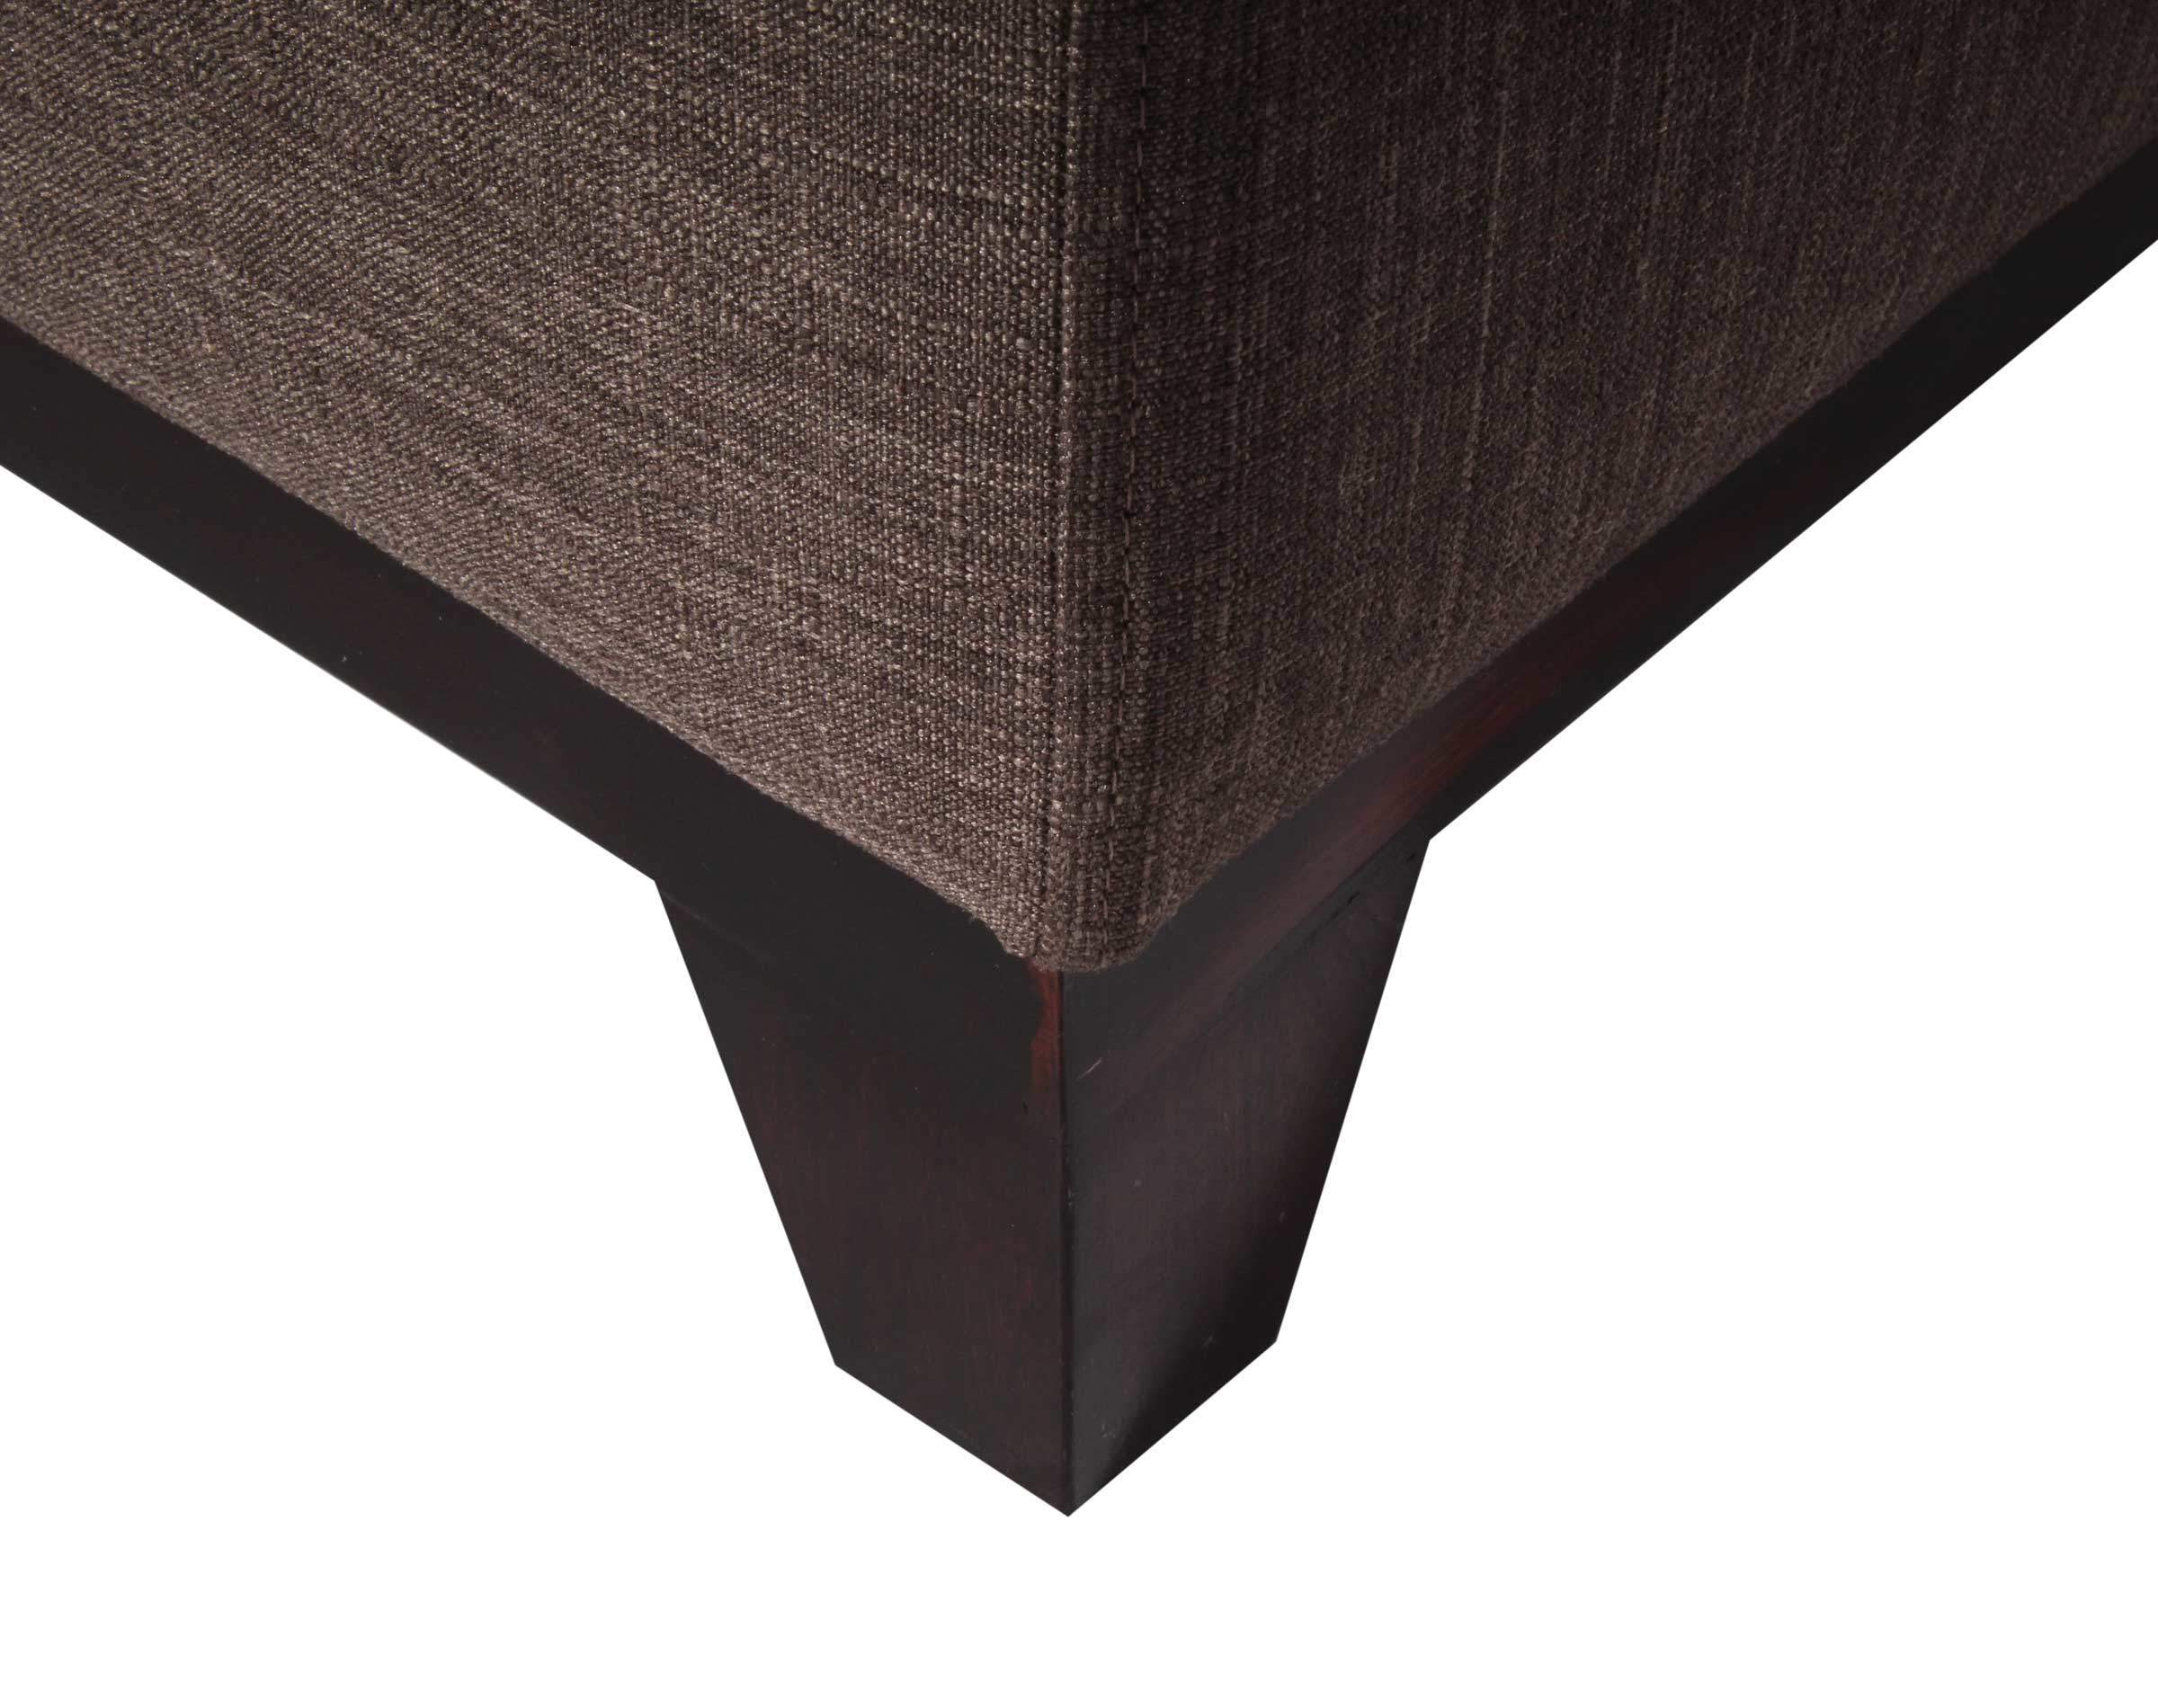 sofa tipo divan con zocalo de madera y patas de madera en ángulo